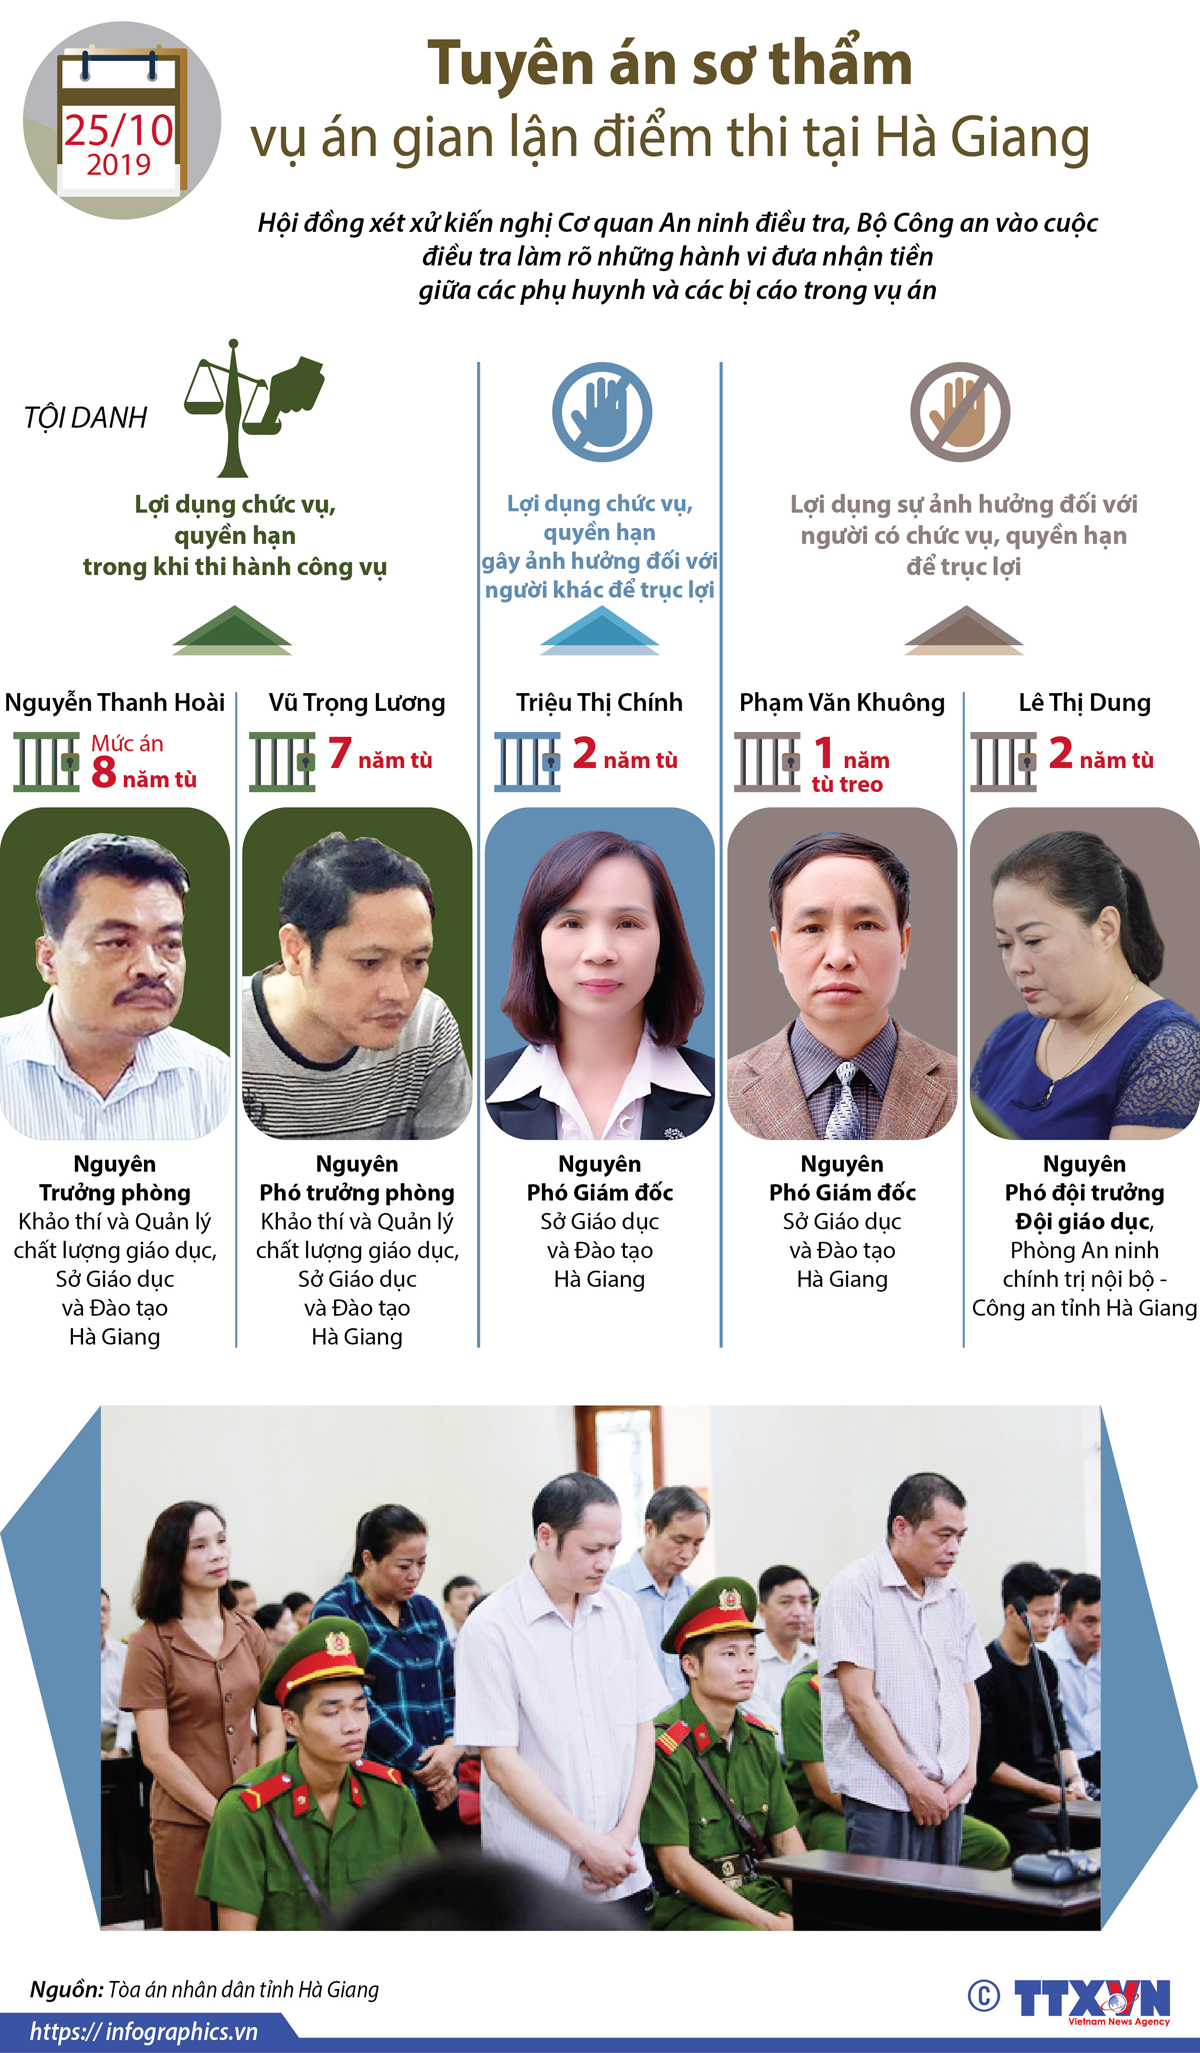 chính trị, ngoại giao, tuyên án sơ thẩm, vụ án gian lận điểm thi tại hà giang, vụ án gian lận điểm thi tại Sơn La, vụ án gian lận điểm thi tại Hòa Bình